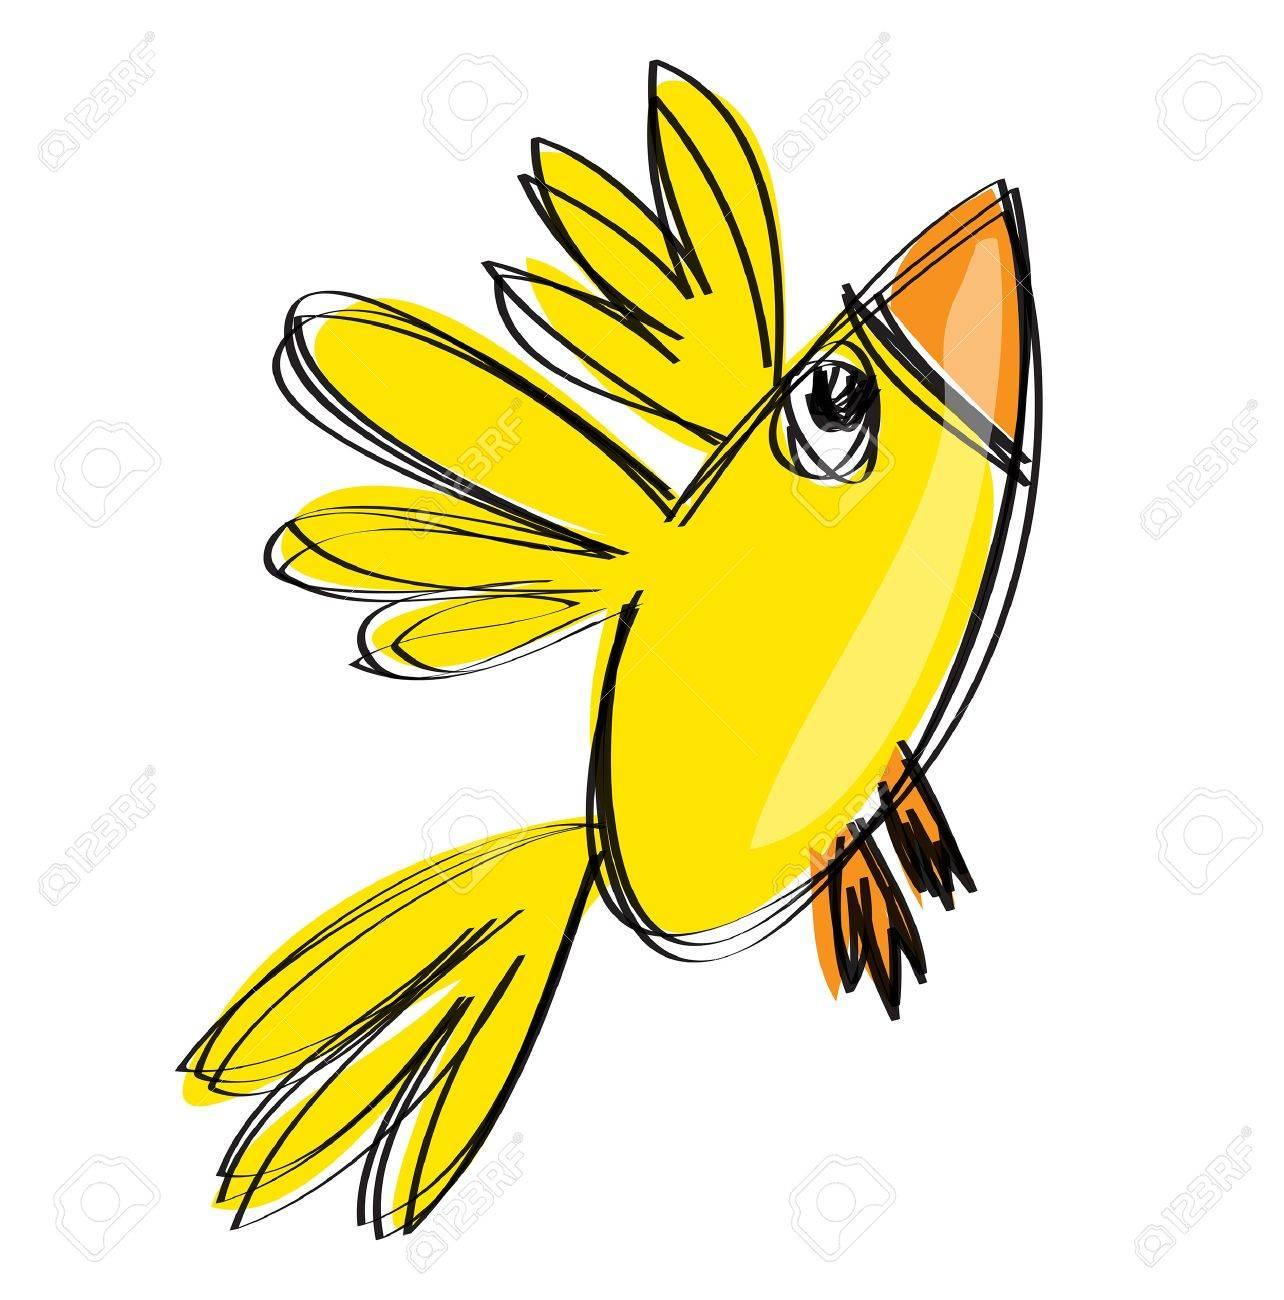 Cartoon Bébé Jaune Oiseau Qui Vole Dans Un Style De Dessin Enfantin Naif